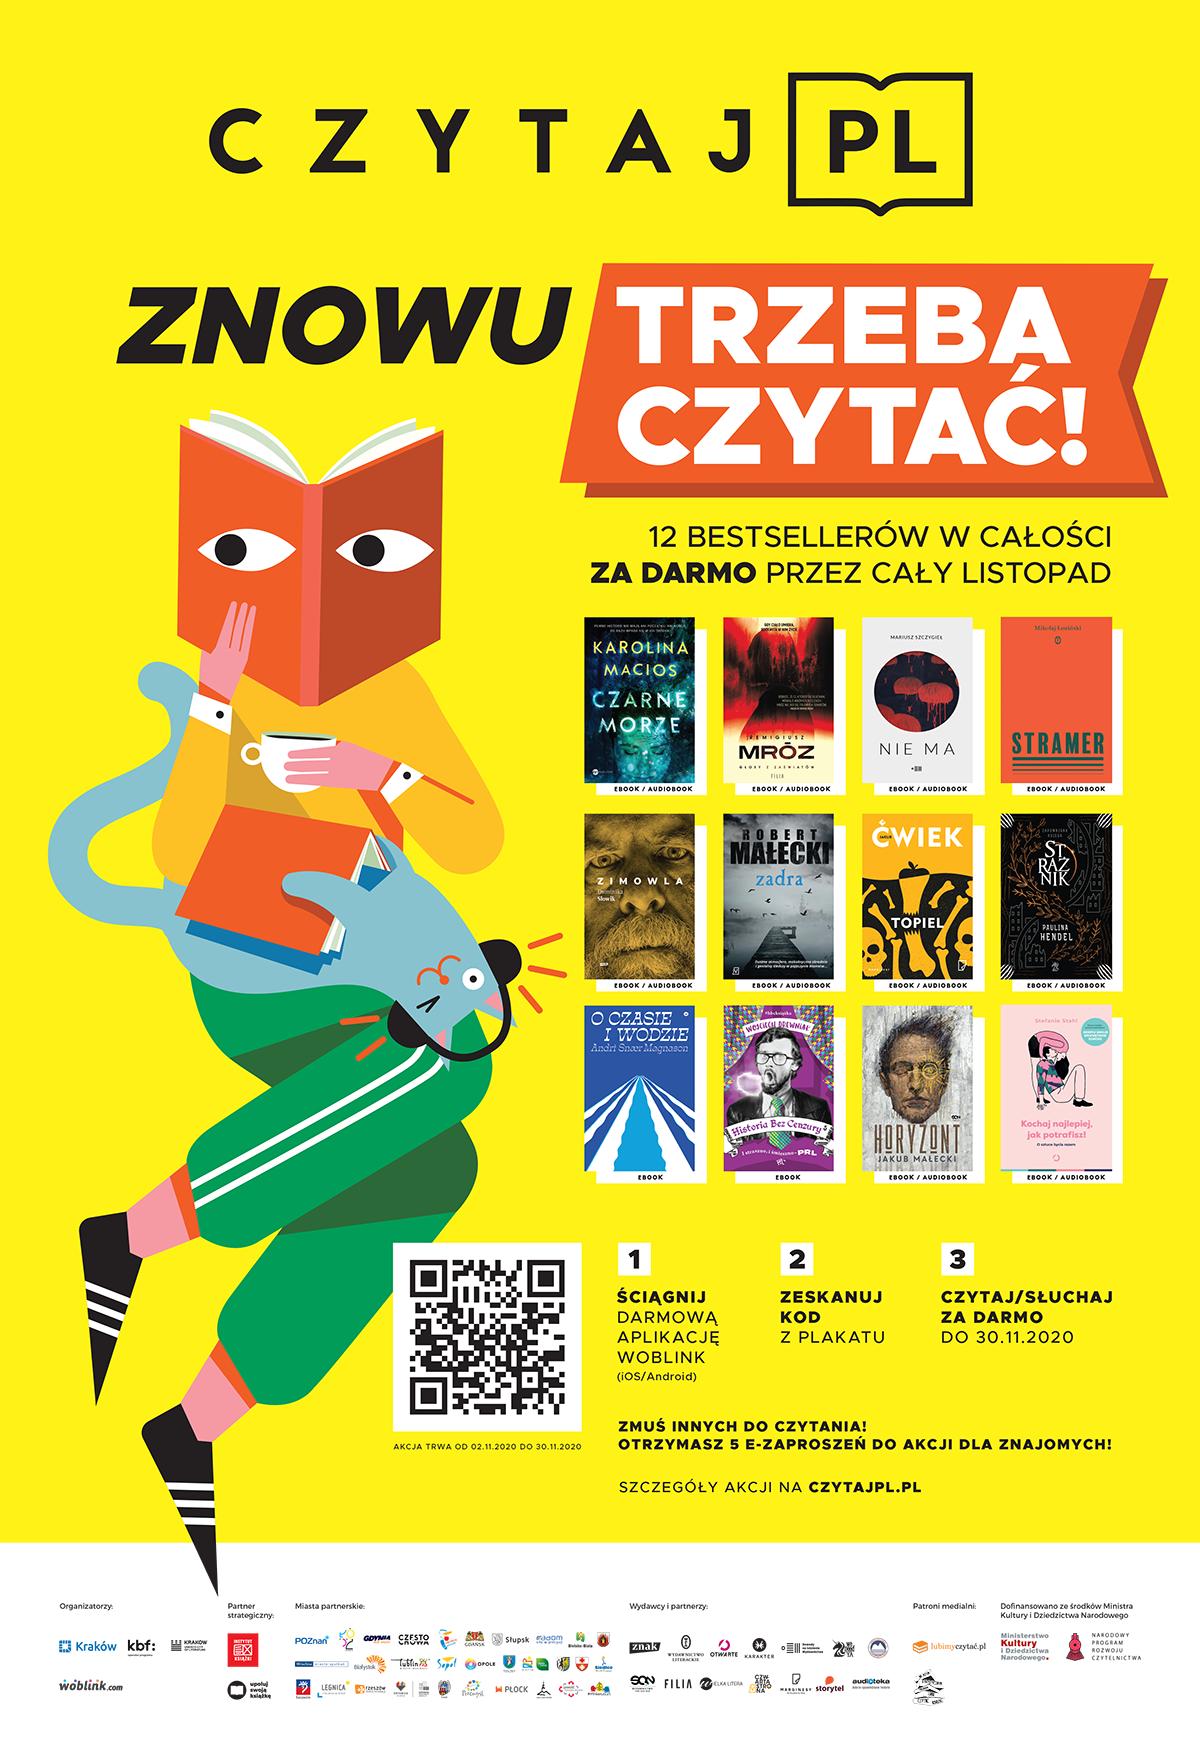 Plakat akcji Czytaj PL